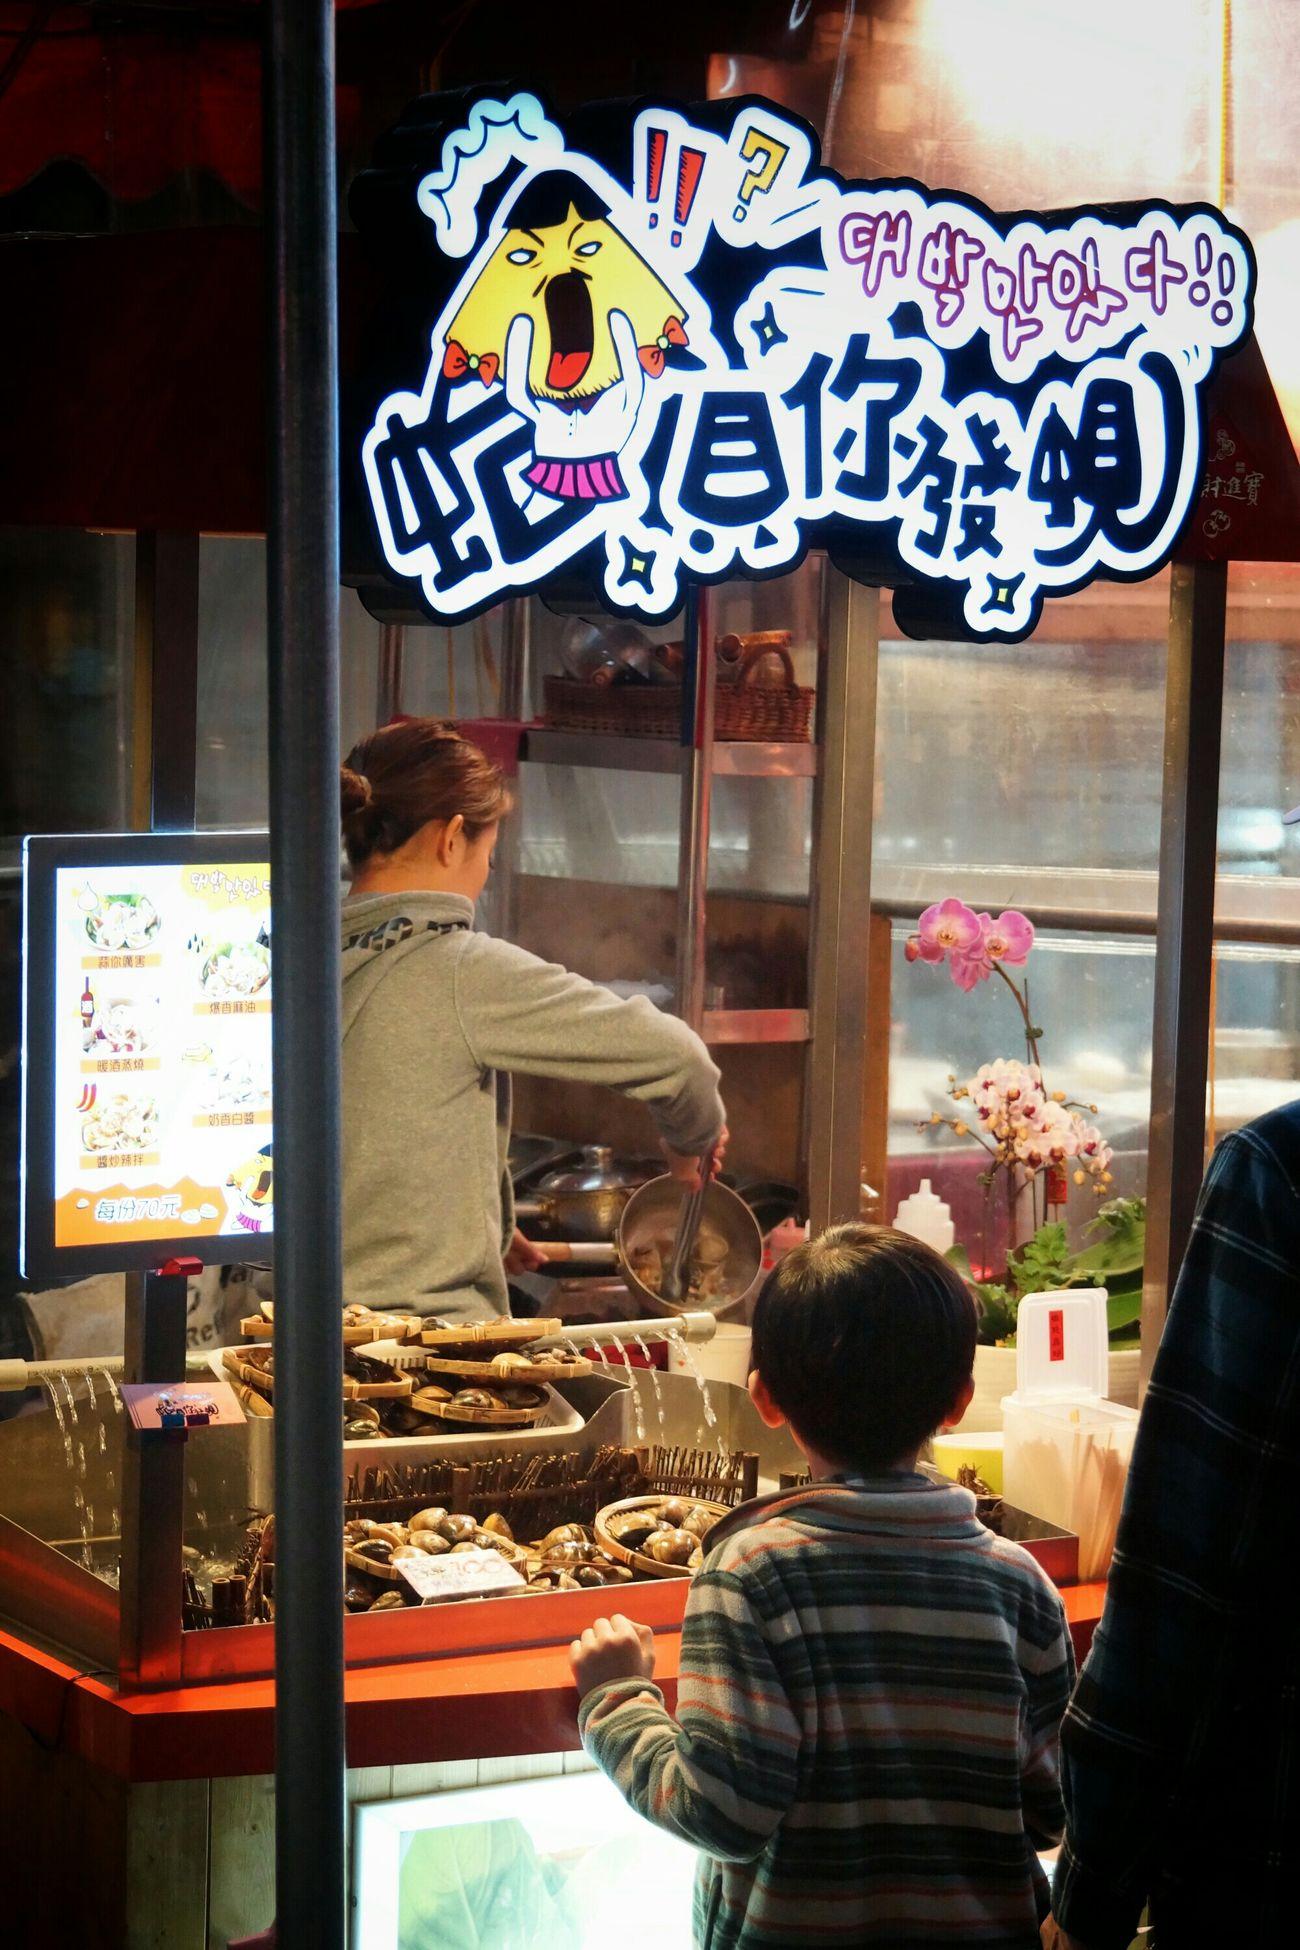 蛤!?被你發現!! What I Saw Streetphotography People The View And The Spirit Of Taiwan 台灣景 台灣情